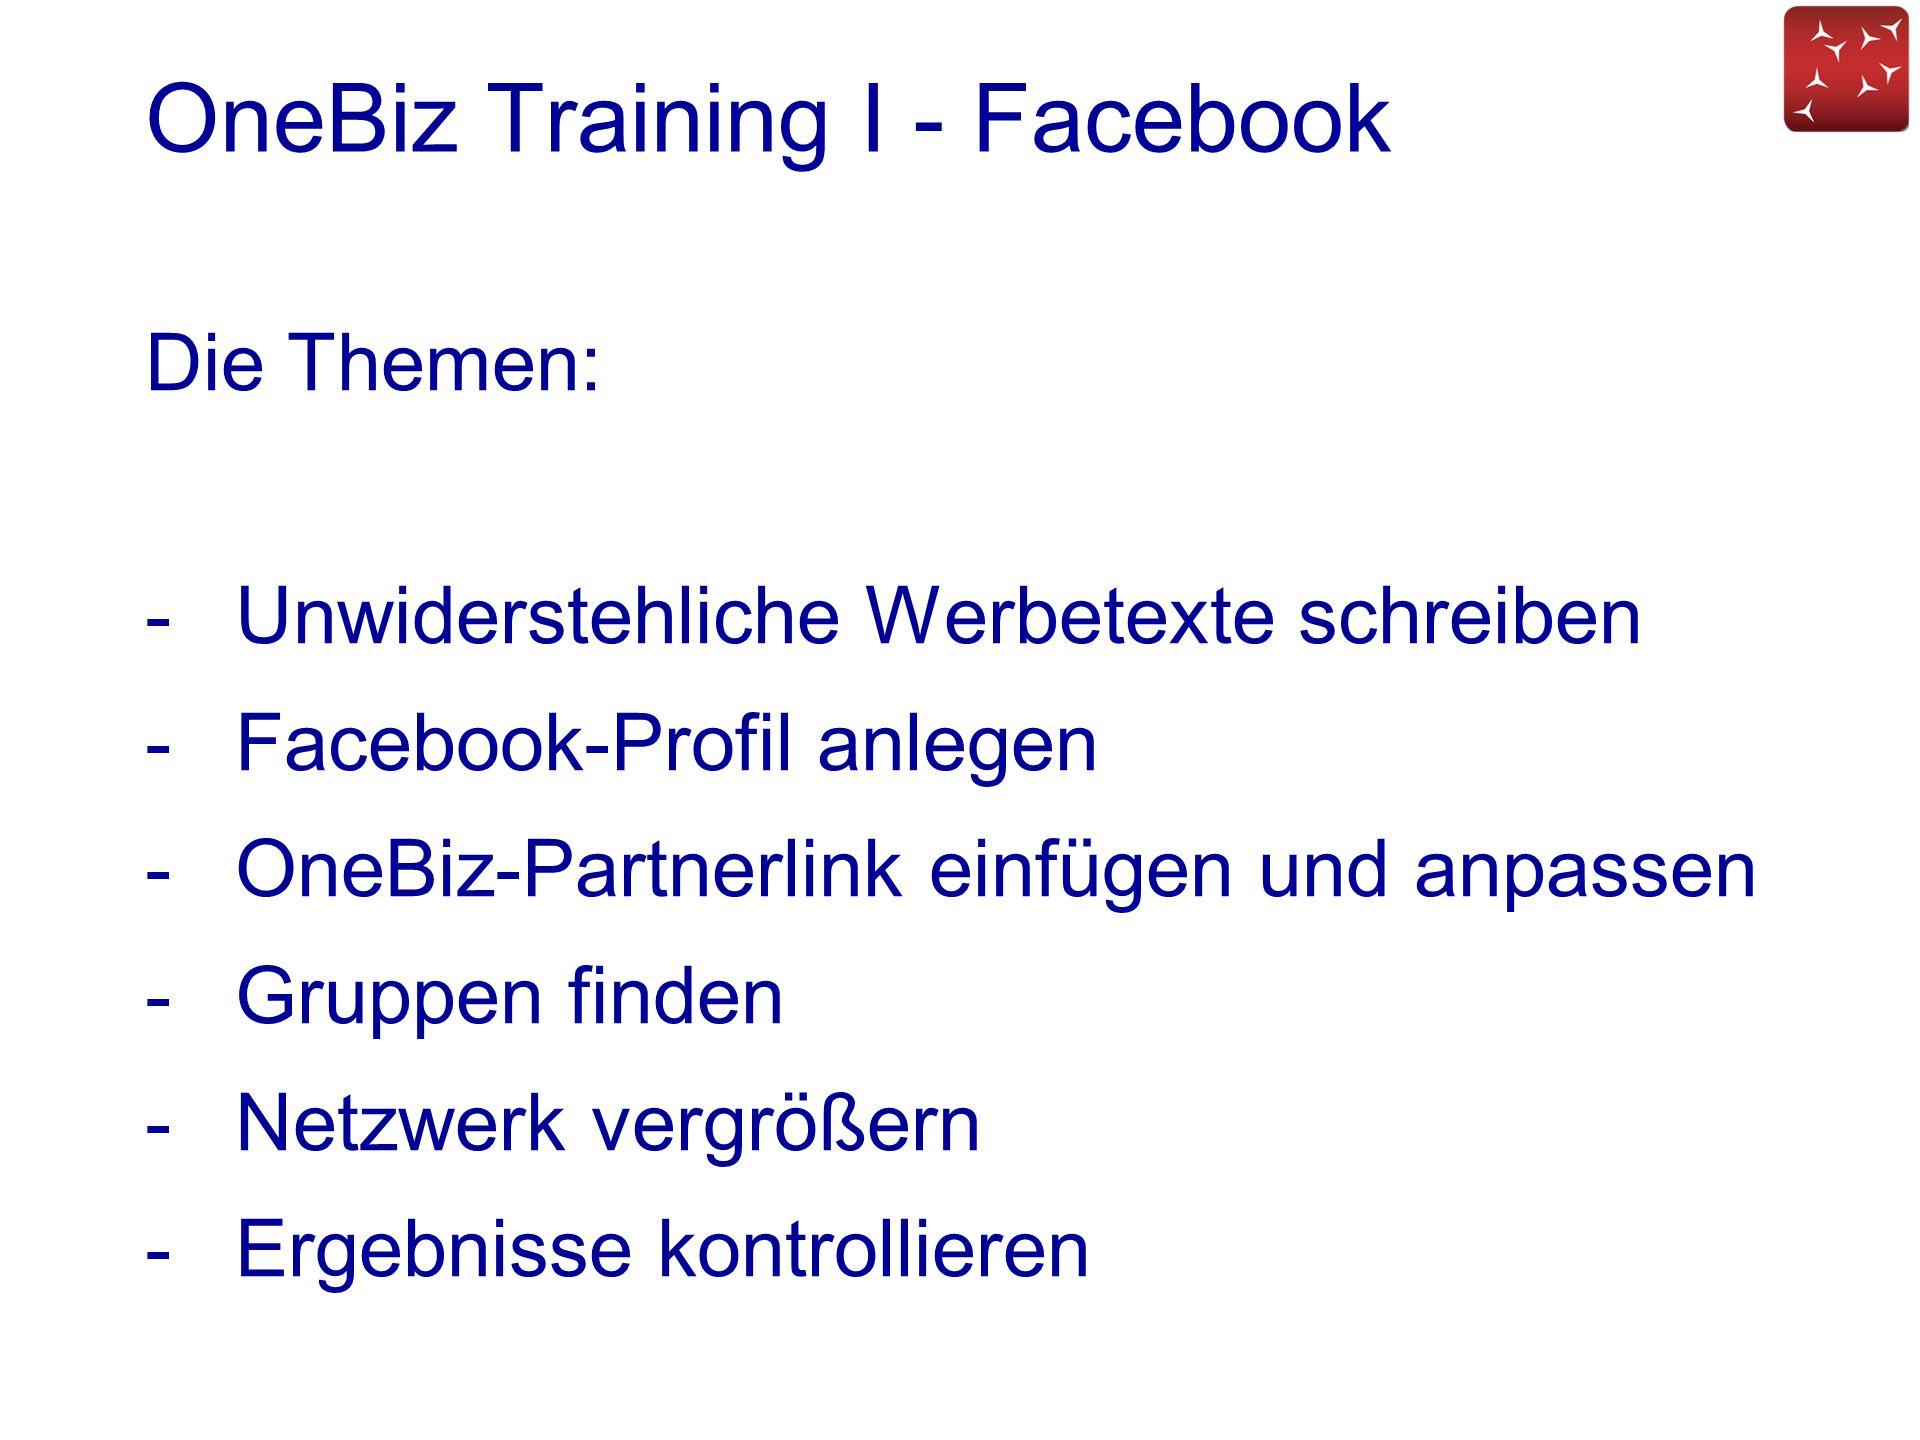 OneBiz Training I - Facebook